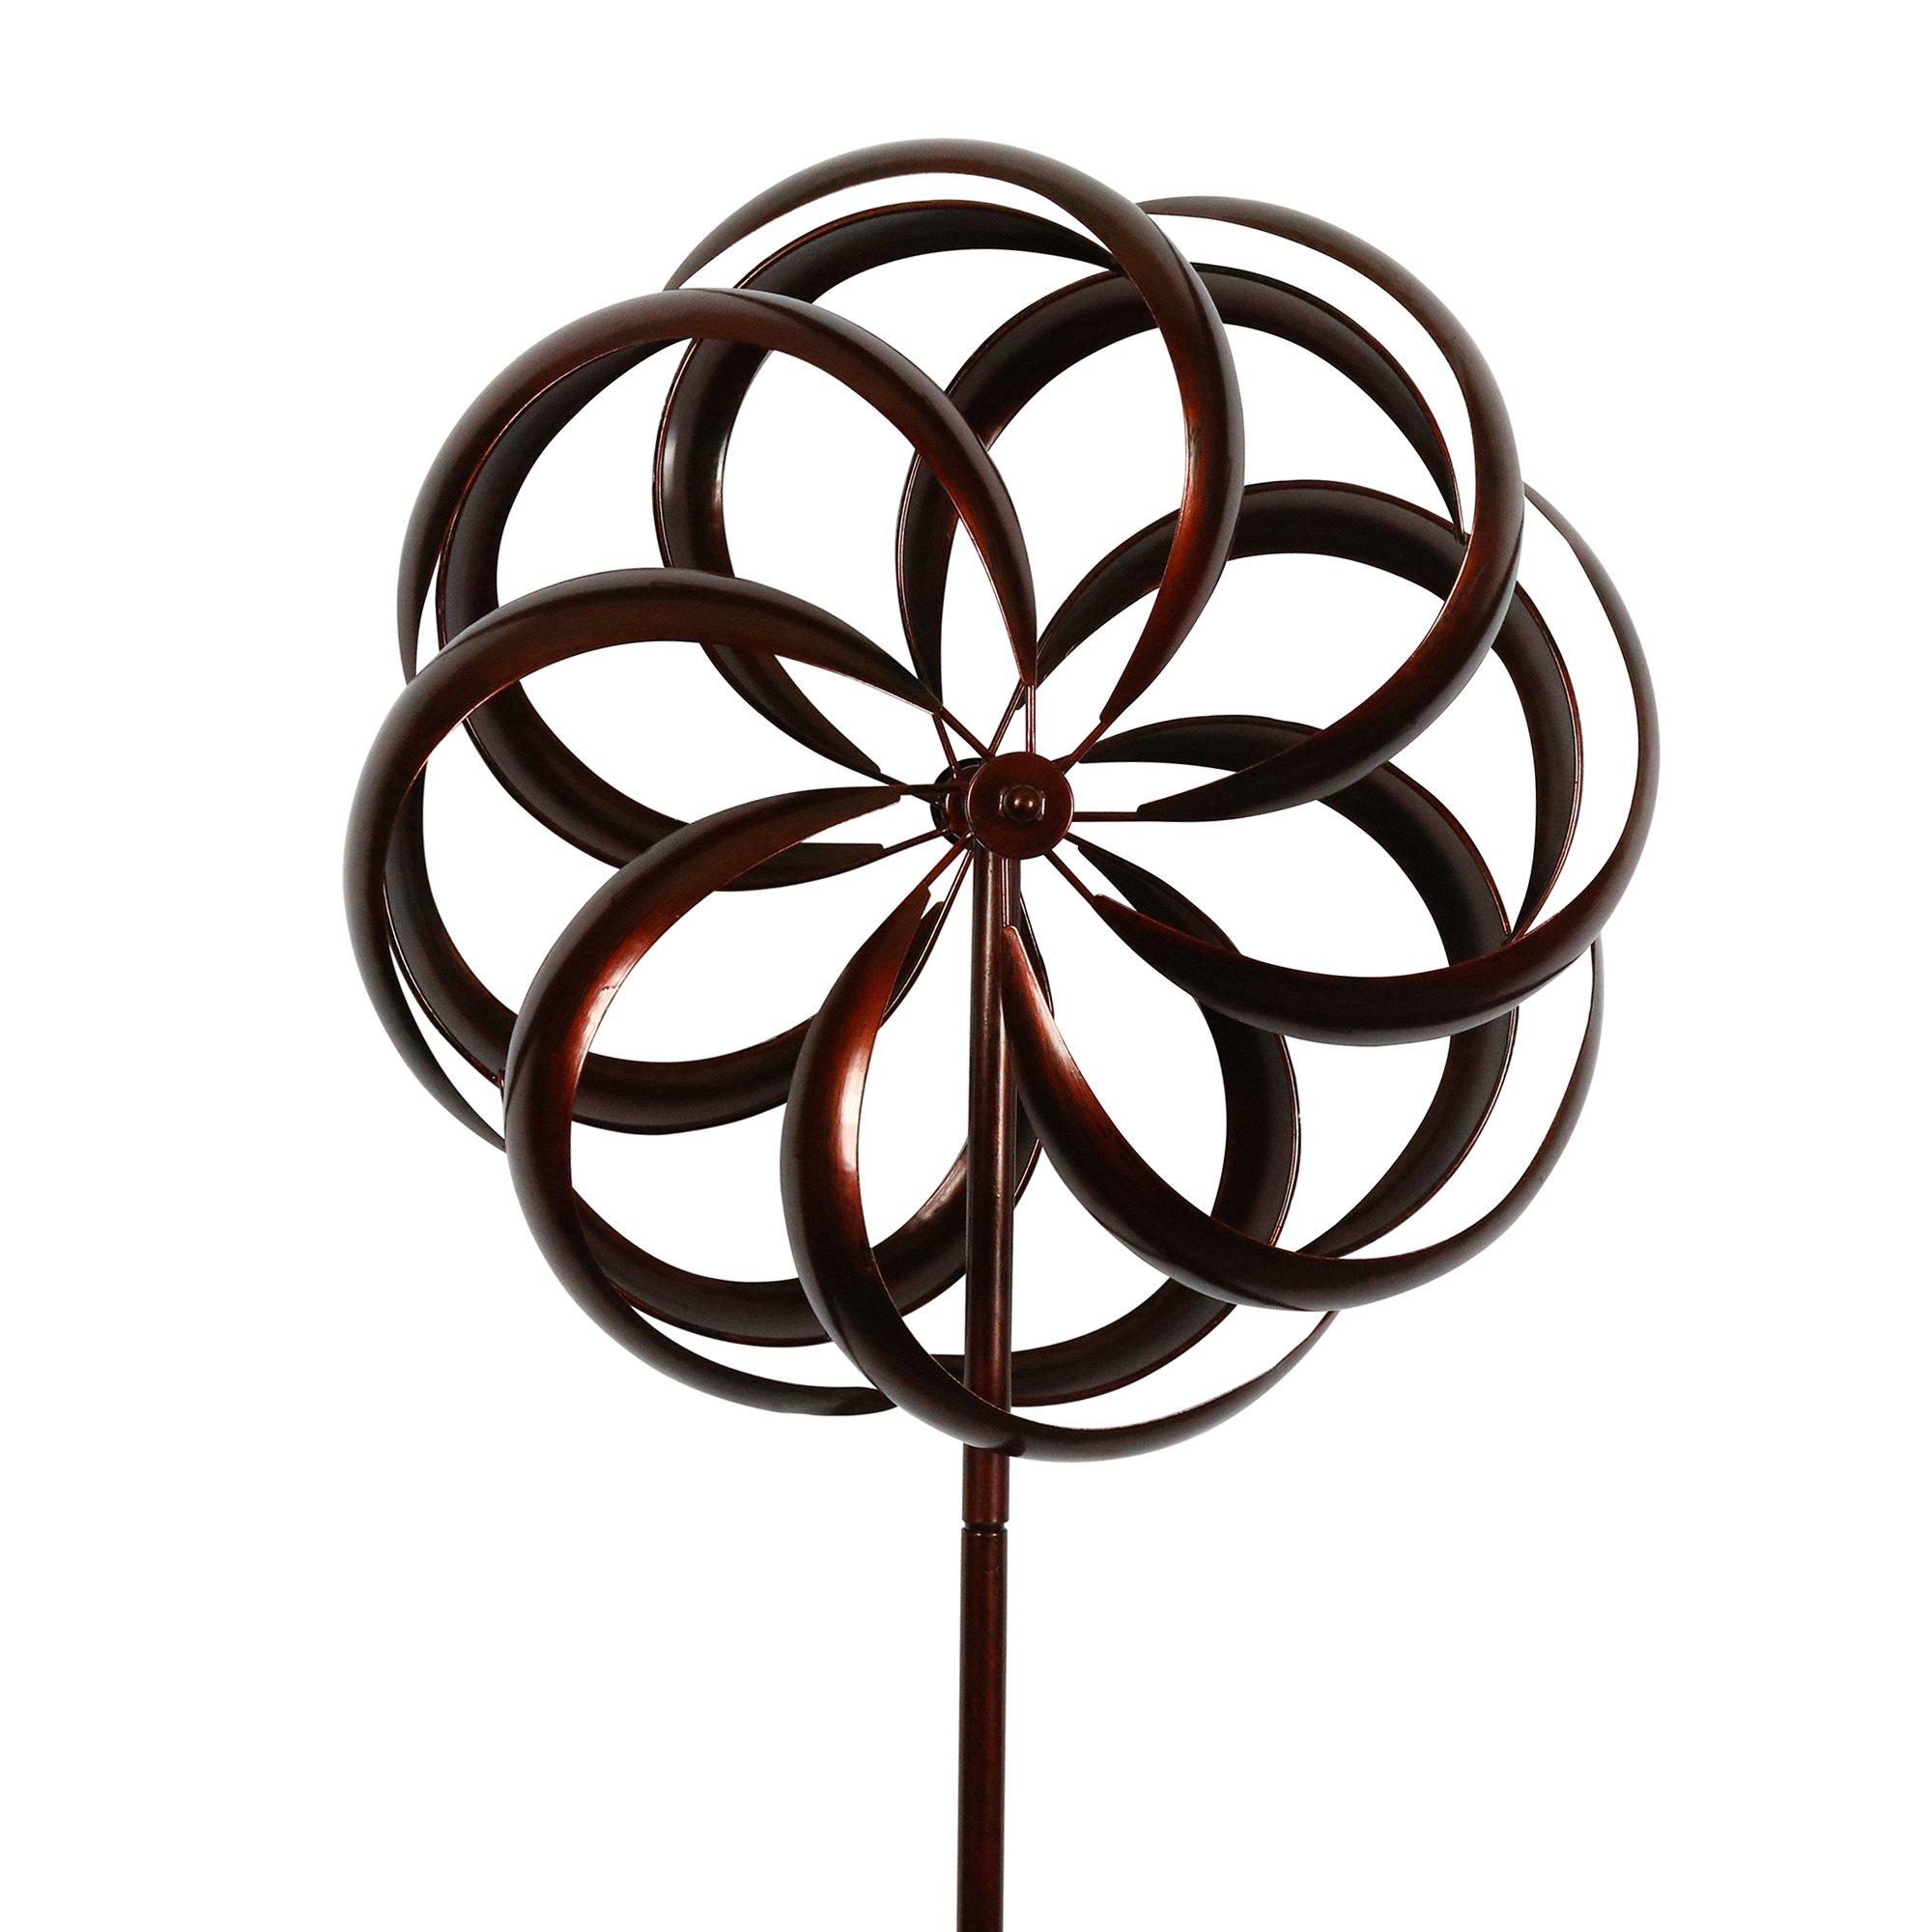 Bronze Flower Style Kinetic Wind Garden Spinner by MJ SPINNER DESIGNS